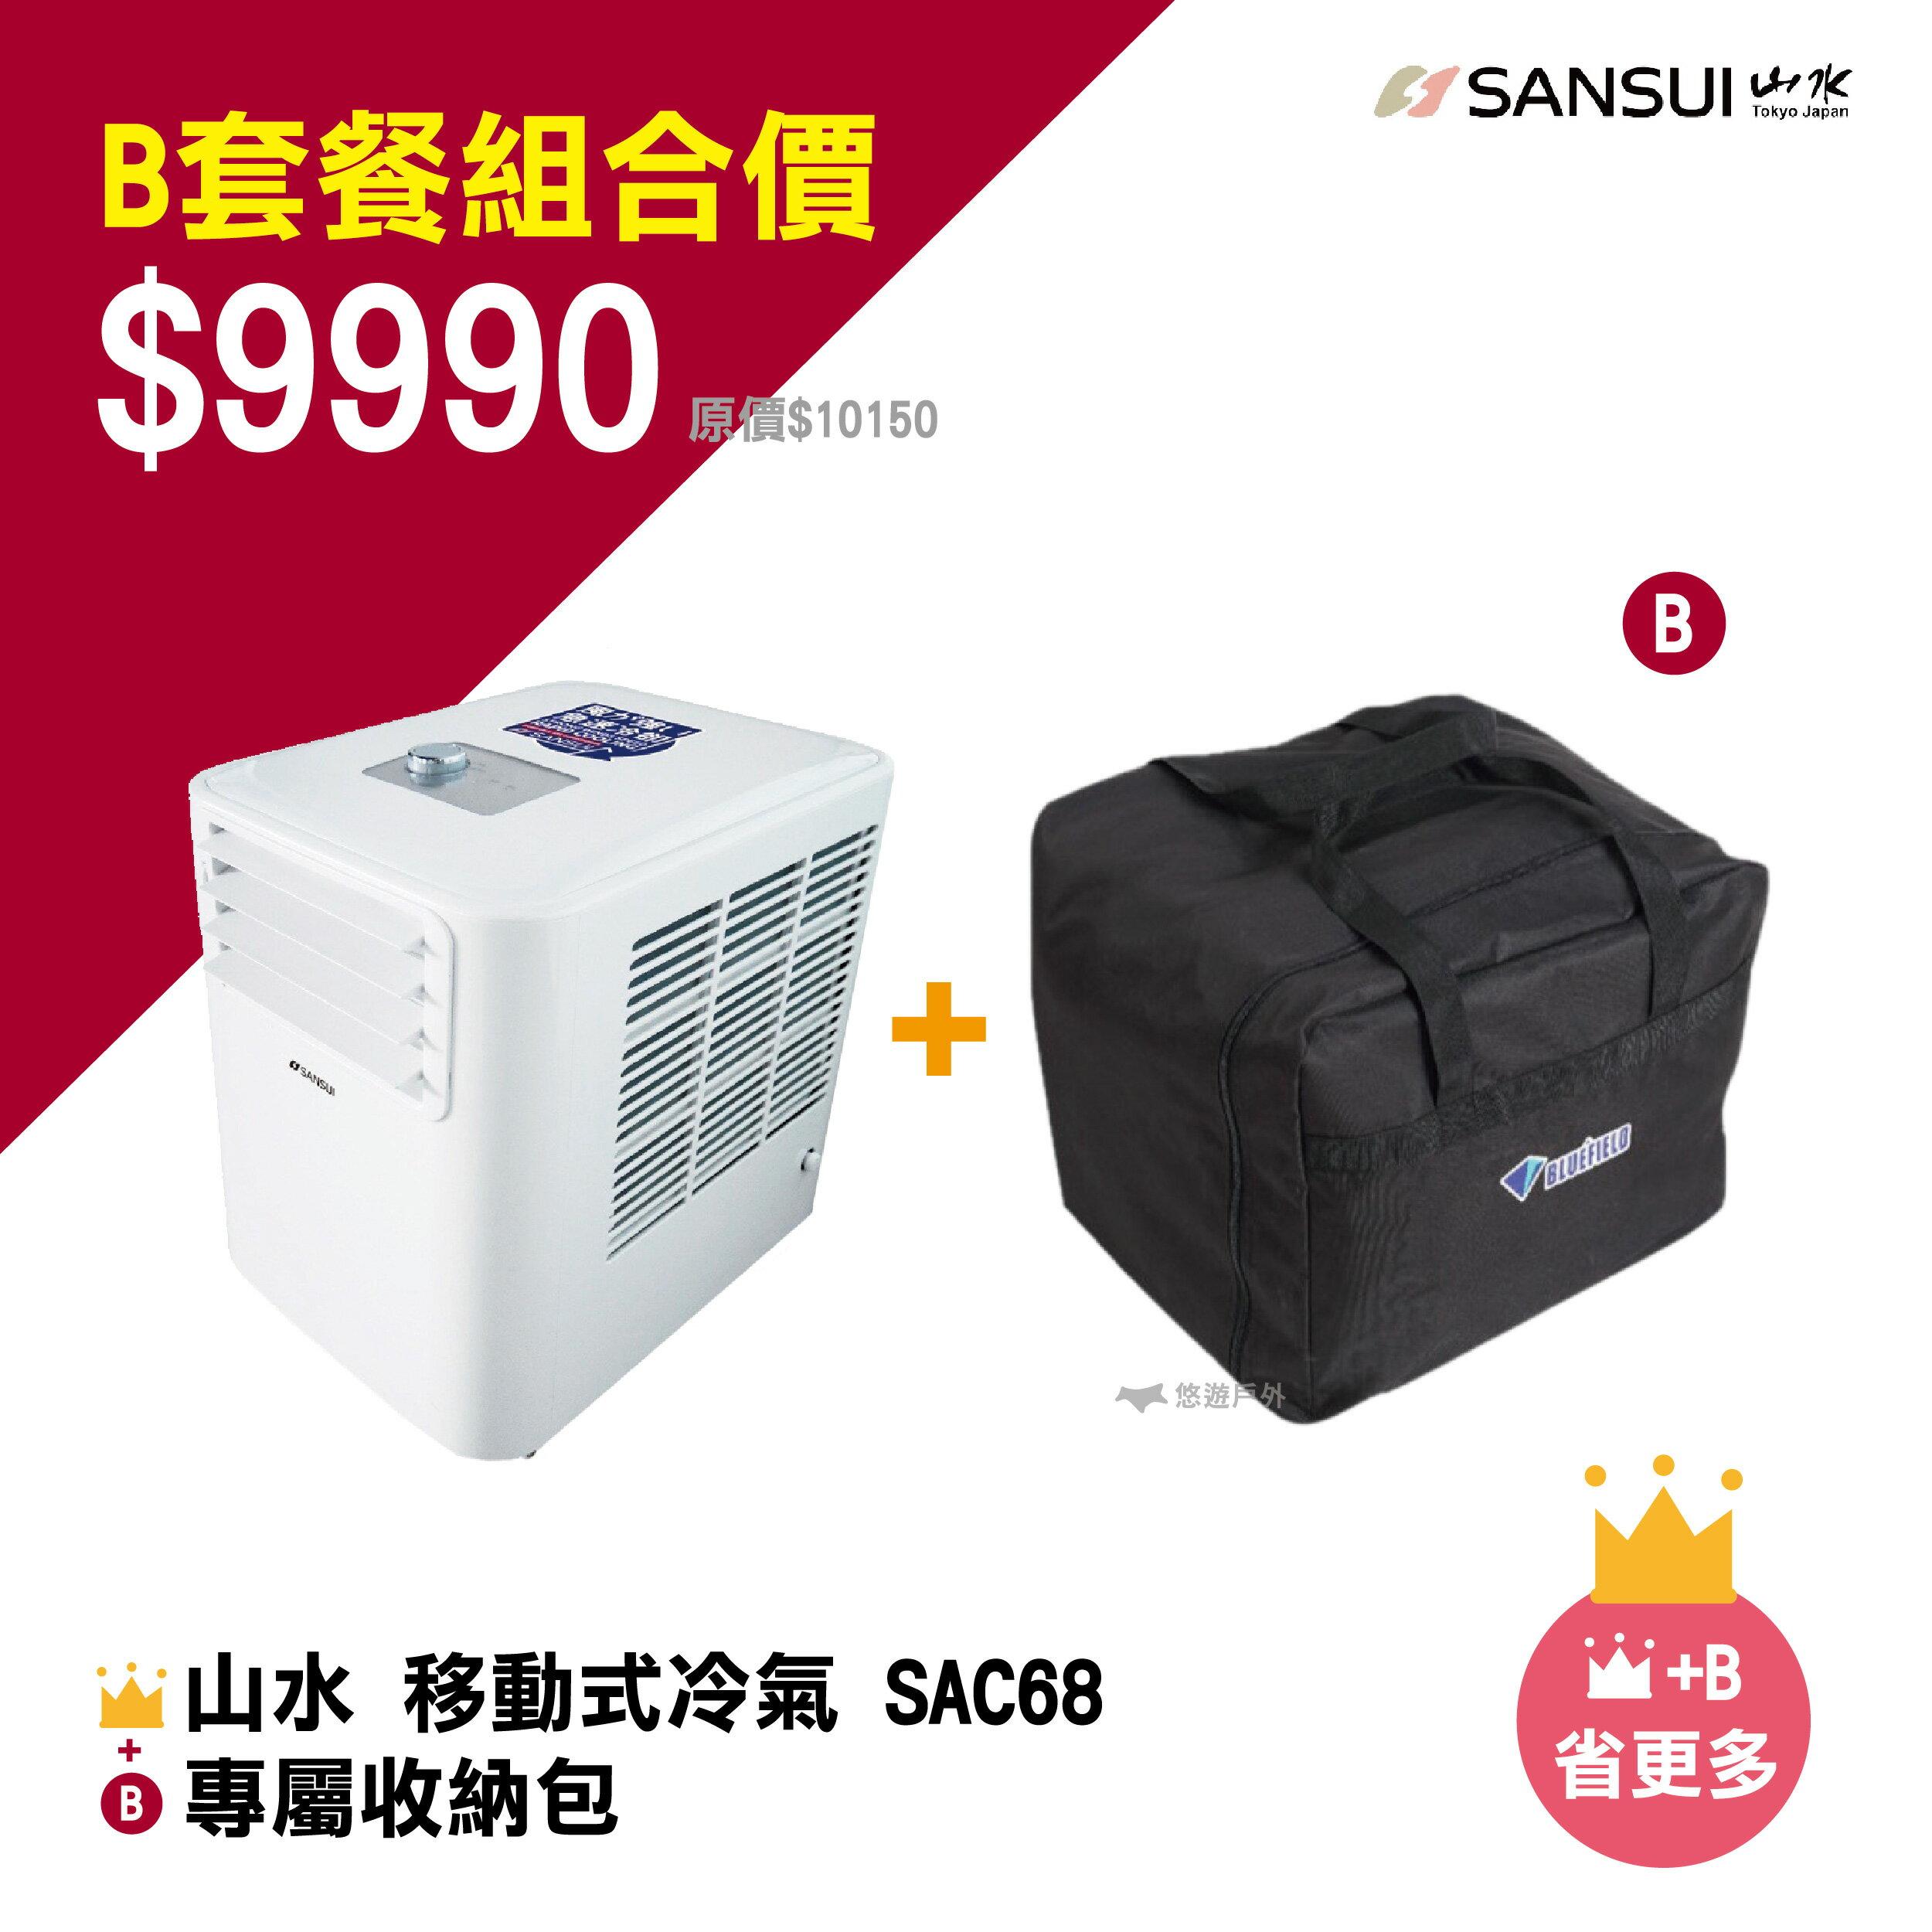 【現貨展示】山水移動式冷氣 移動冷氣SAC68 SANSUI 露營 居家 辦公 悠遊戶外